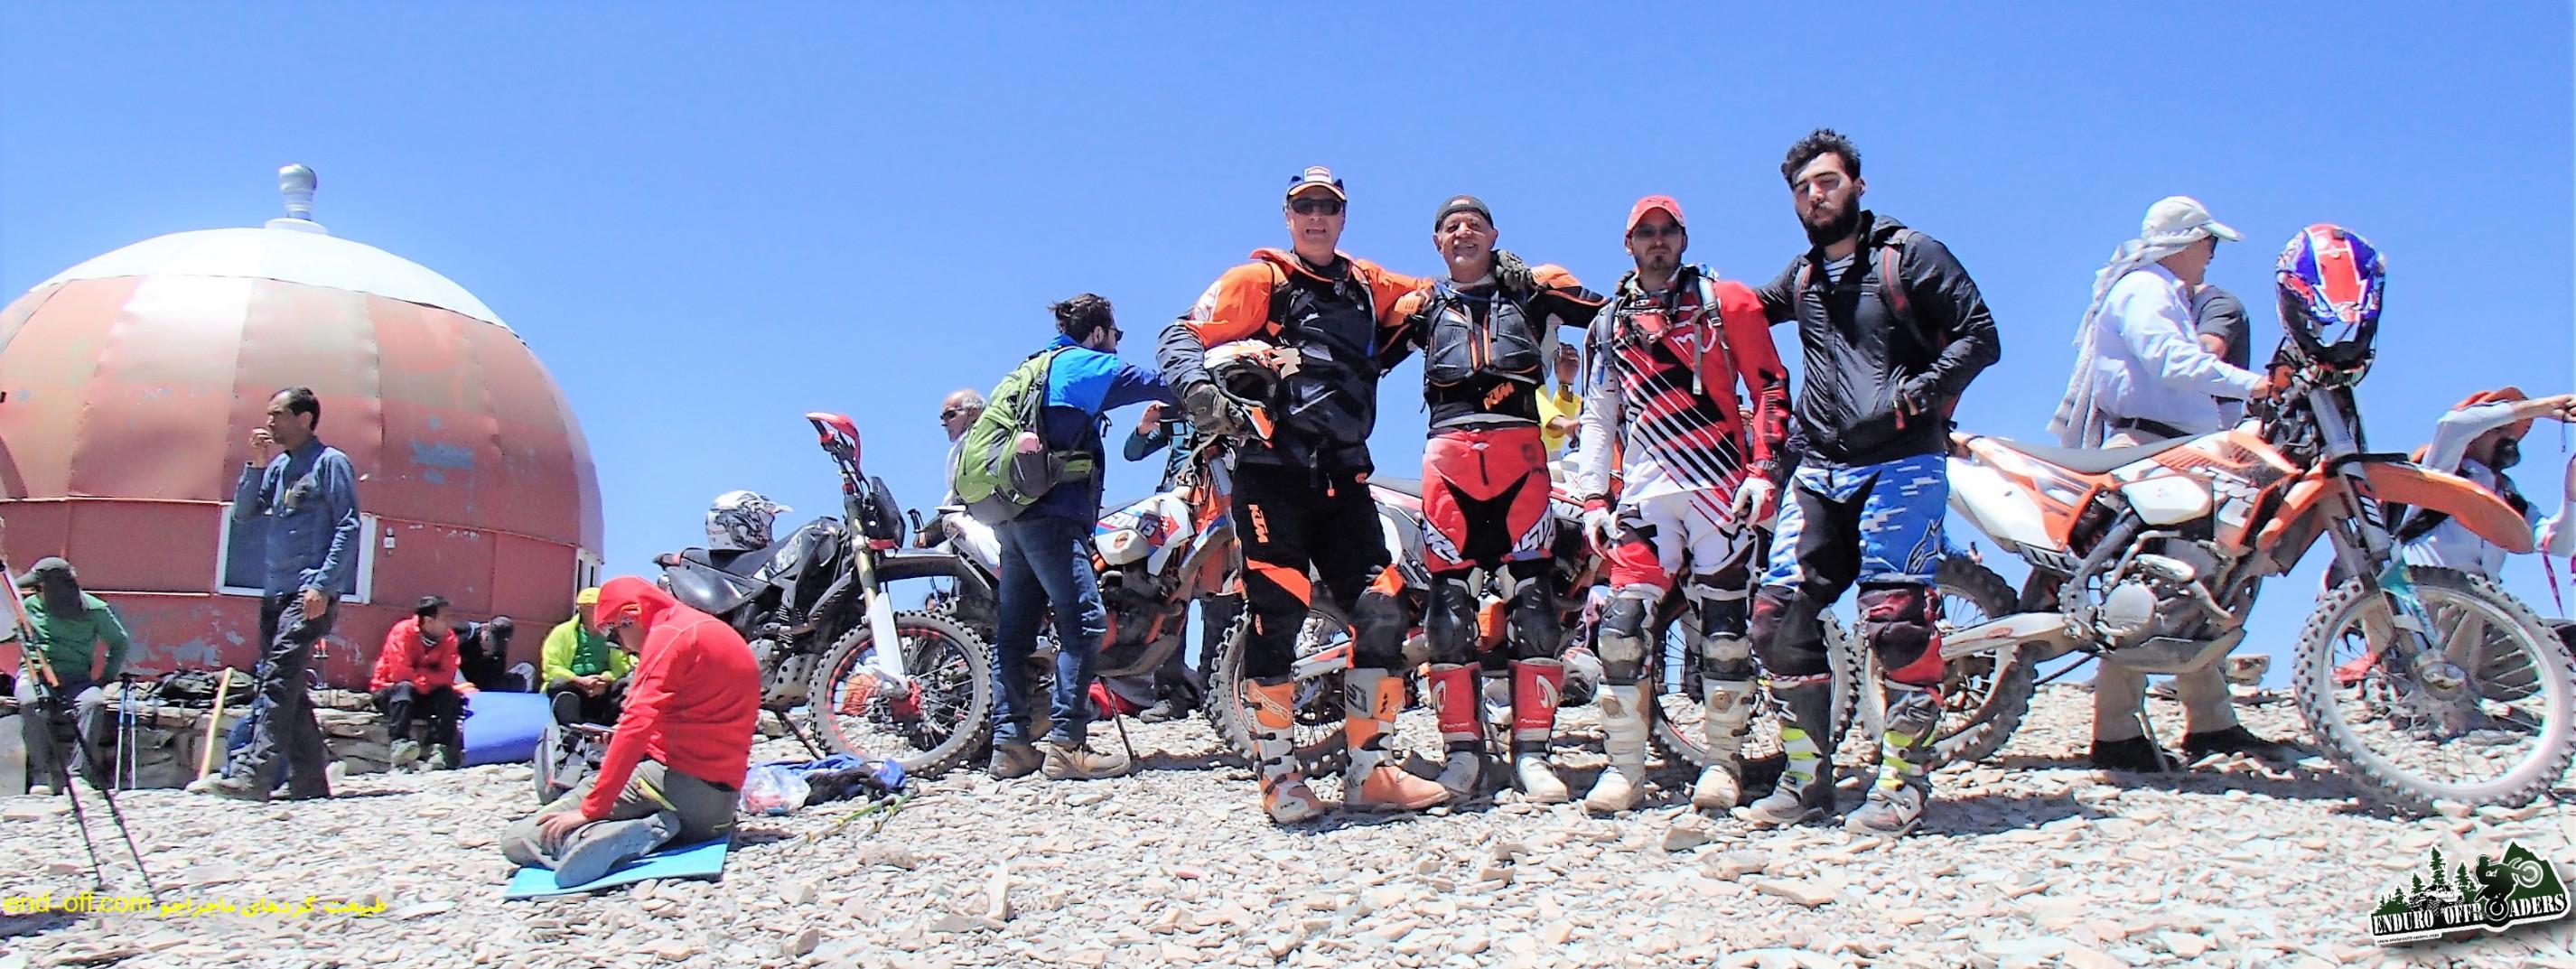 چهارمین صعود به قله توچال با موتور – تیرماه ۱۳۹۶